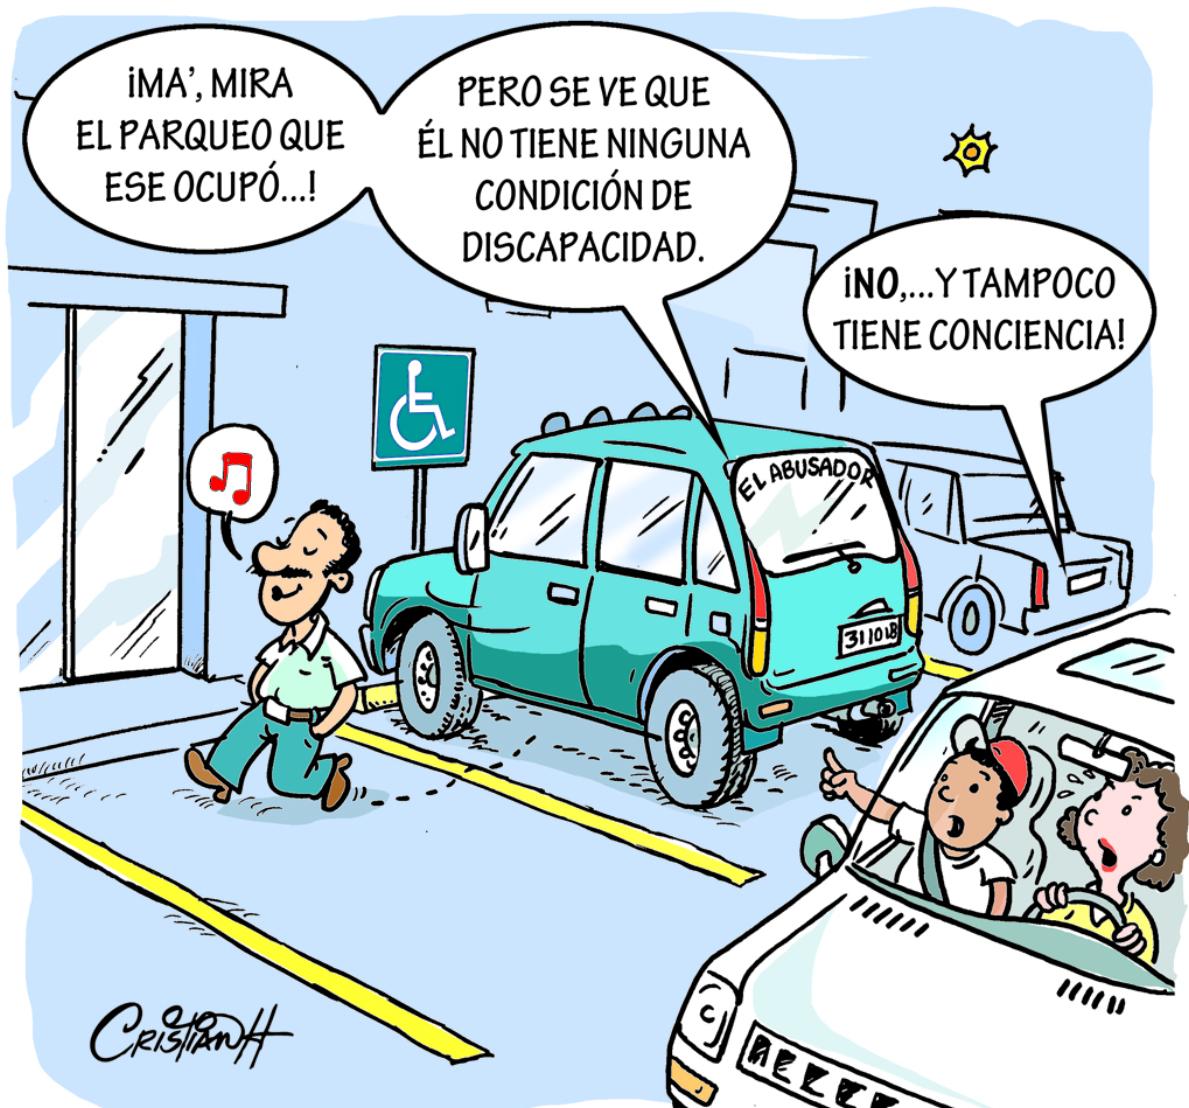 Caricatura Cristian Caricaturas – El Día, 31 de Octubre 2018